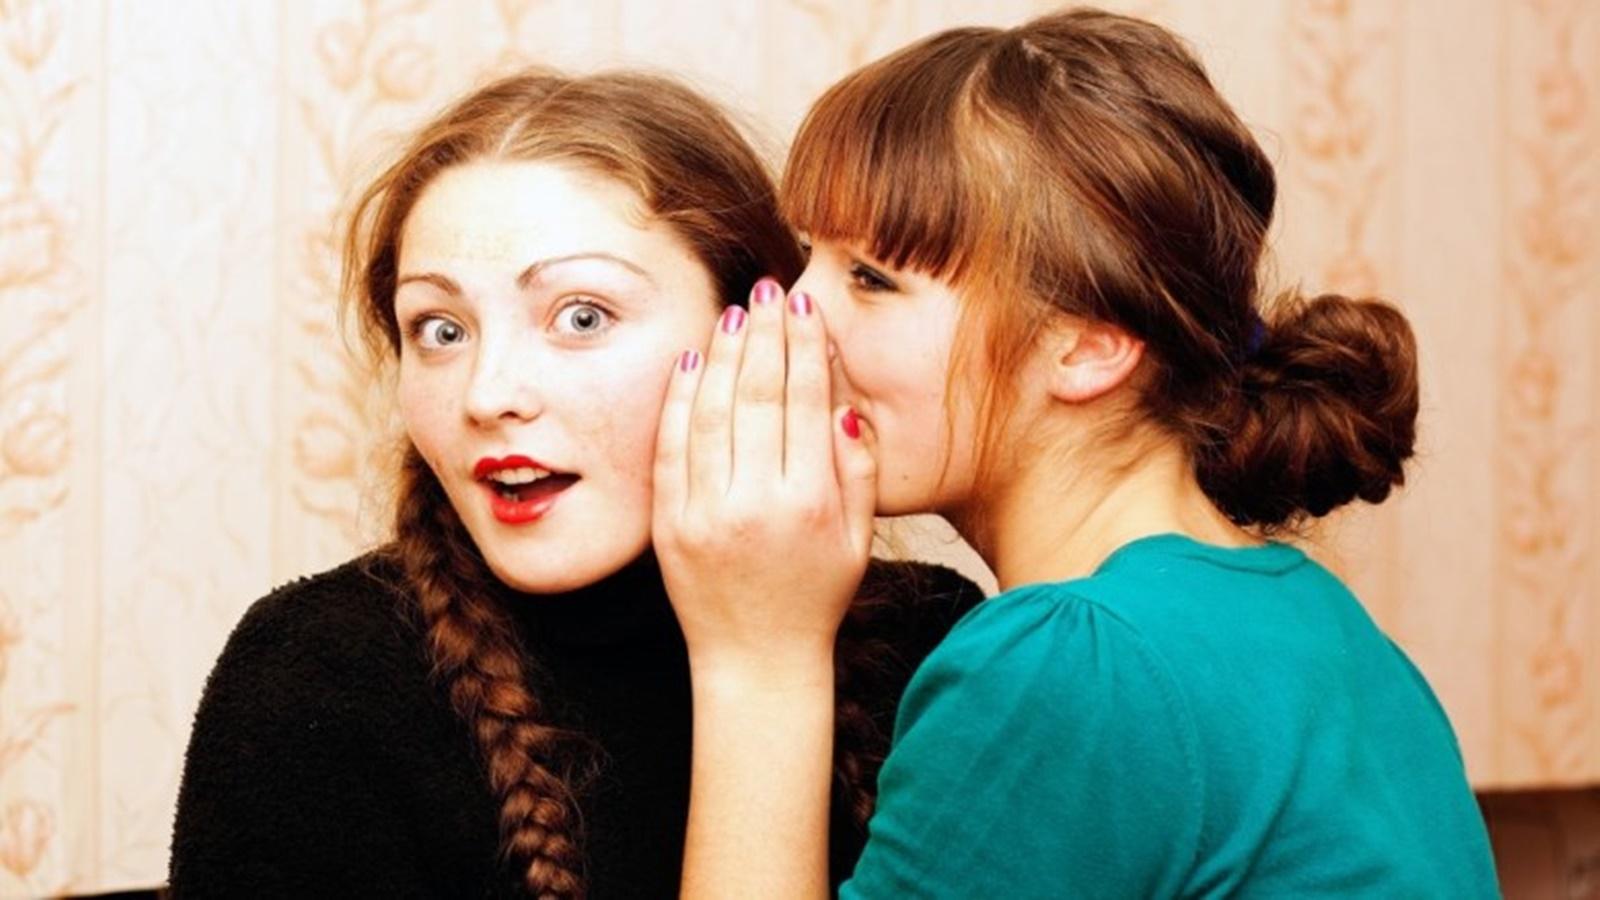 Assista: Confira os segredos íntimos que as mulheres não revelam a quase ninguém